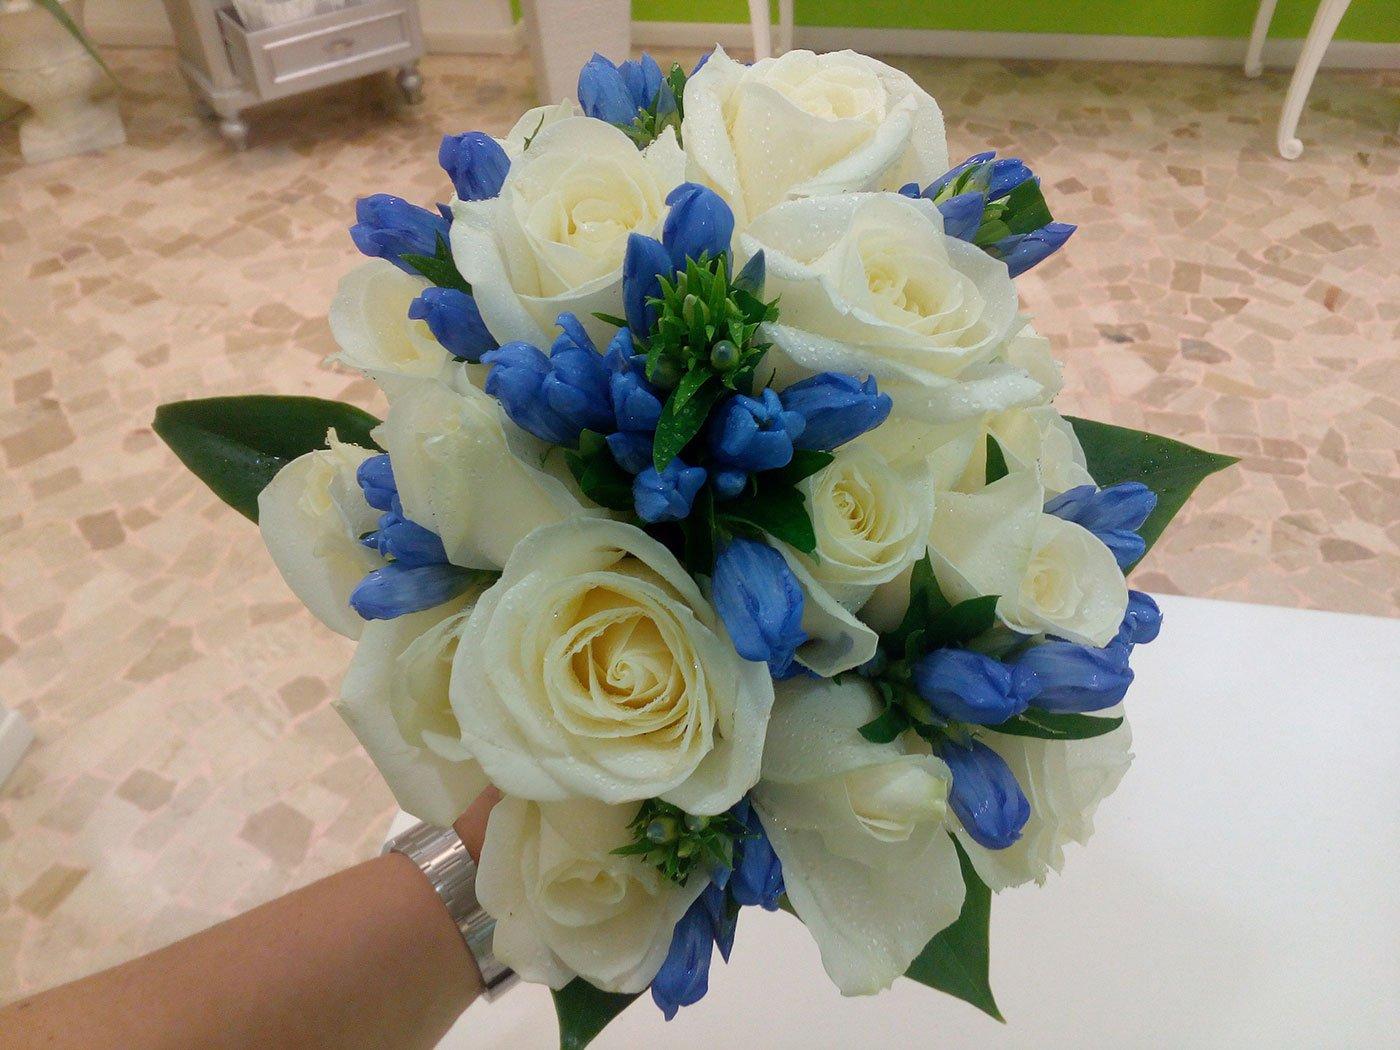 una mana che tiene un mazzo di fiori blu e rose bianche